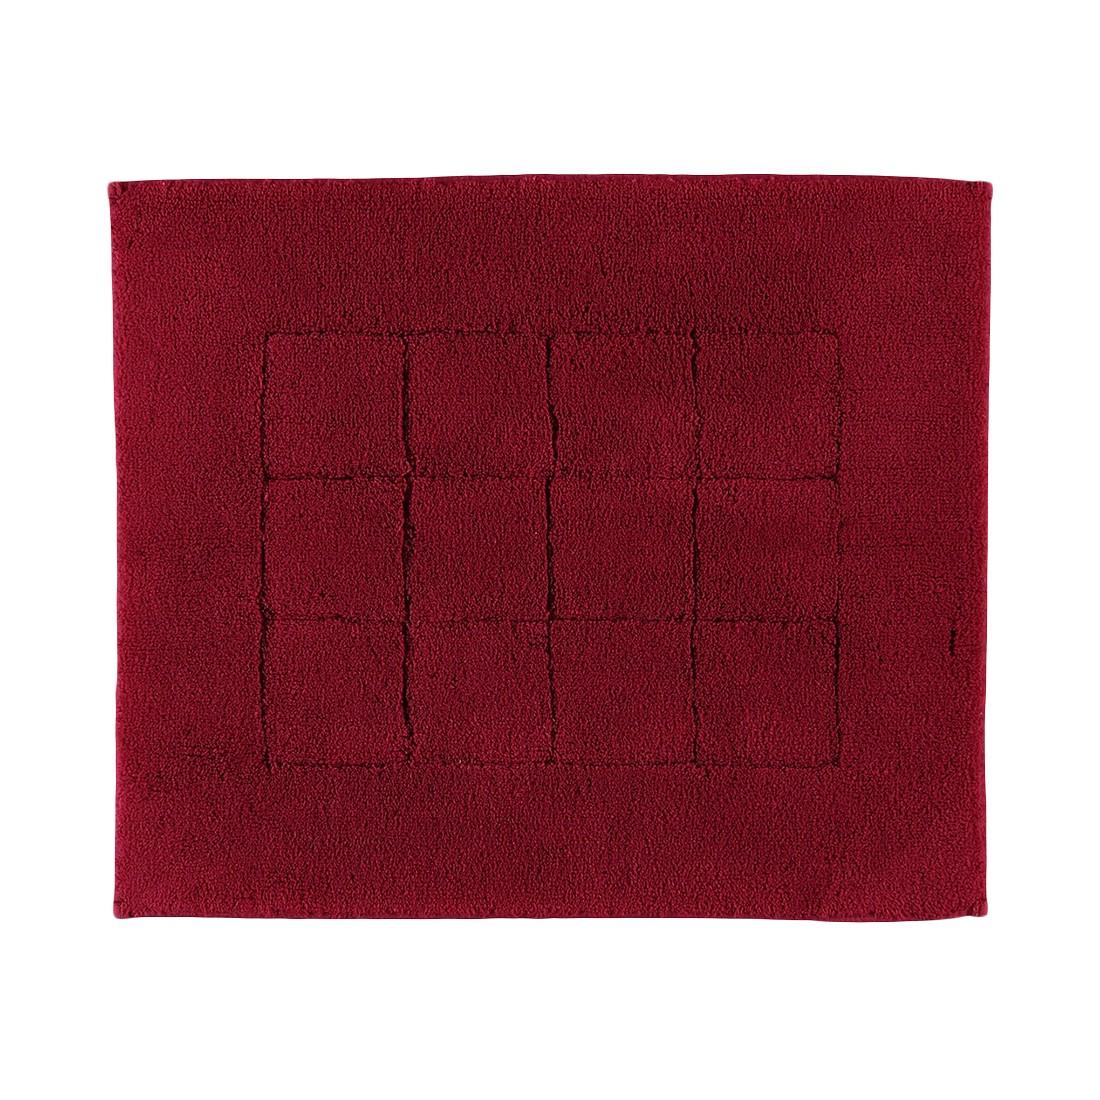 Badteppiche Vienna Sensible – Baumwolle – Rubin – 67×120 cm, Vossen online bestellen